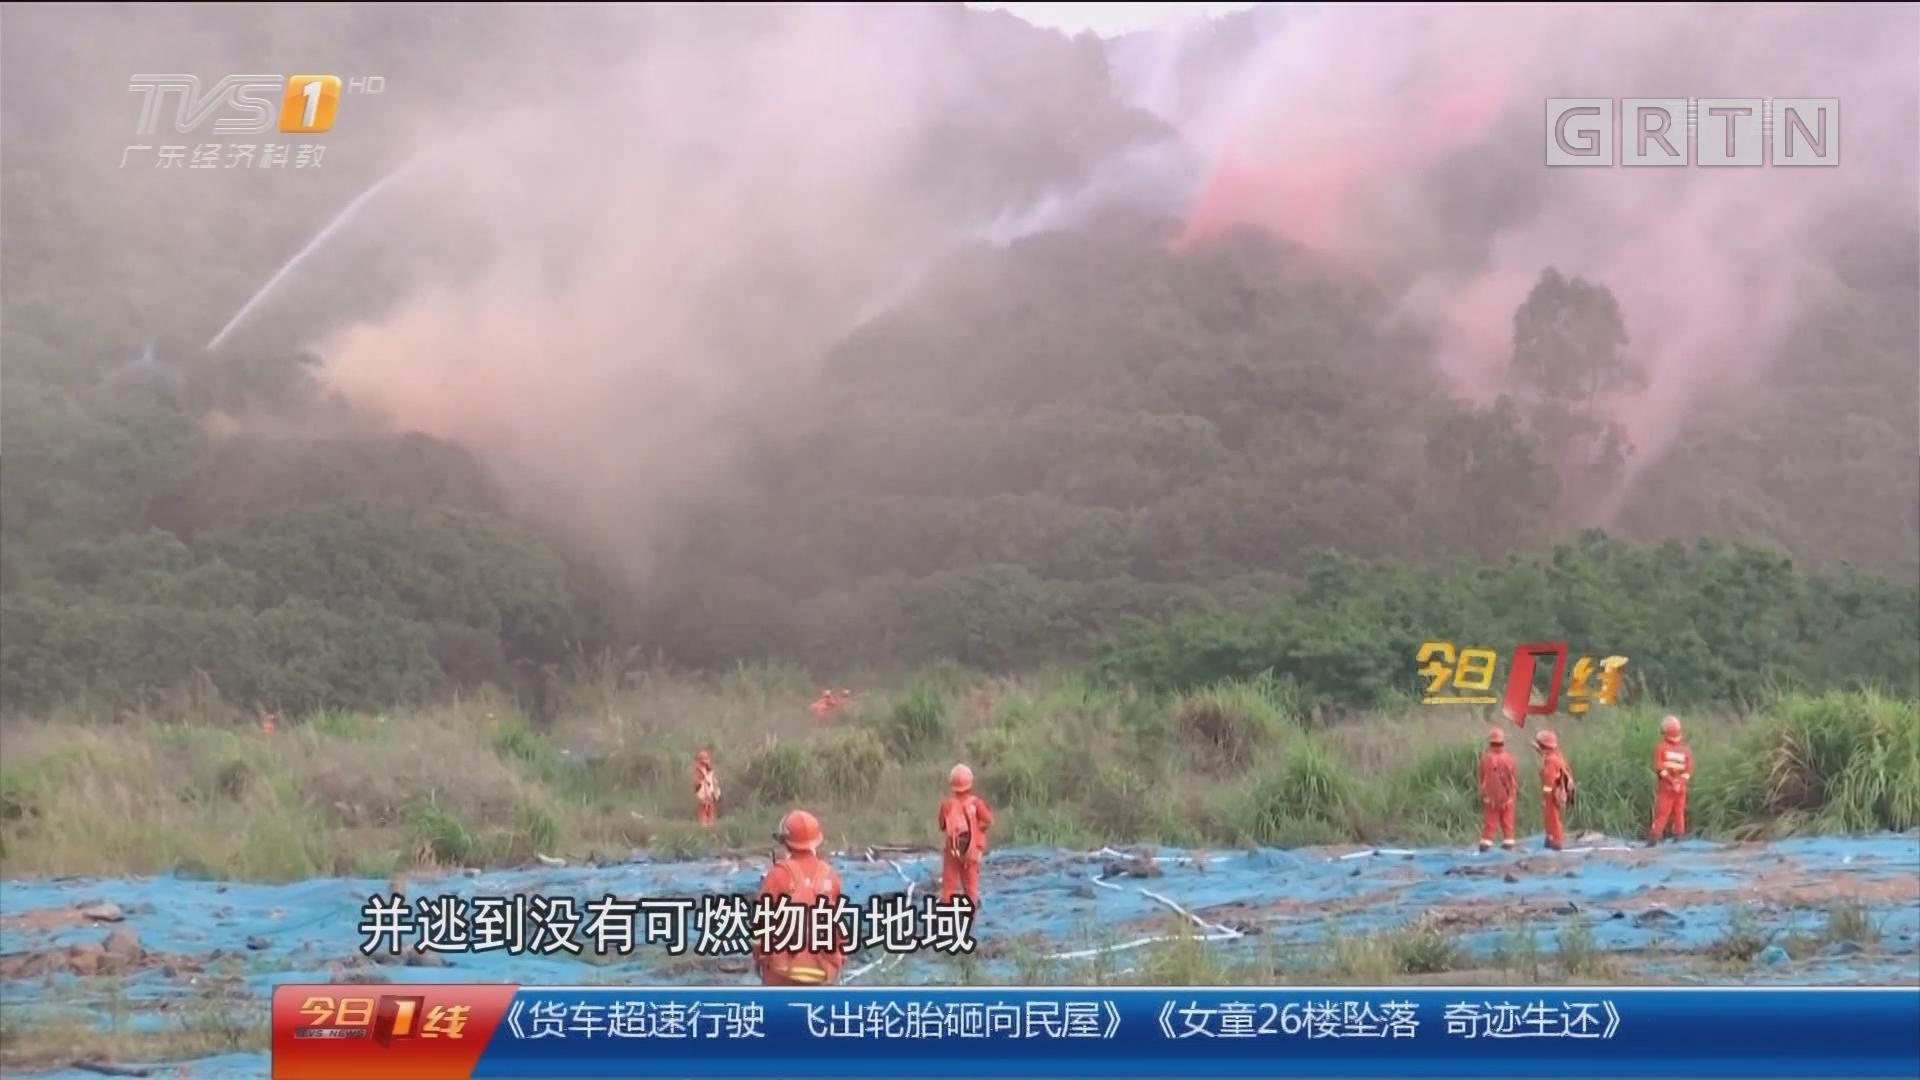 森林防火安全:上山扫墓使用明火 五人被拘留